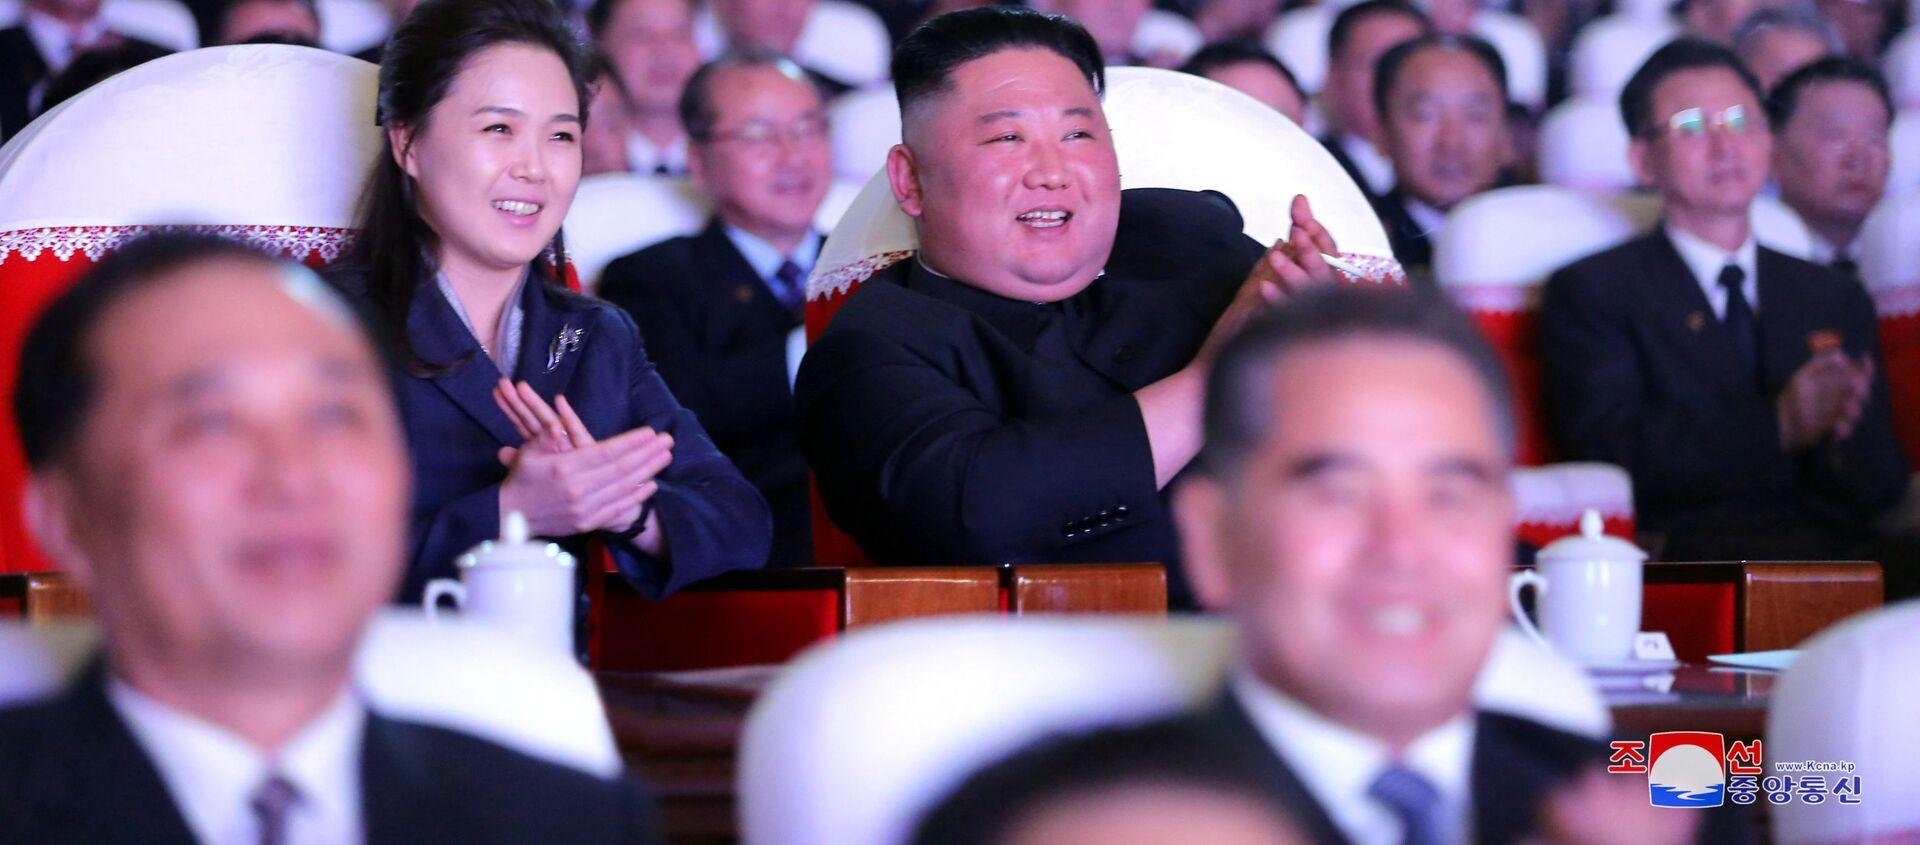 Severokorejský vůdce Kim Čong-un s manželkou Lee Seol-joo na hudebním představení věnovaném výročí Kim Čong-ila - Sputnik Česká republika, 1920, 14.03.2021